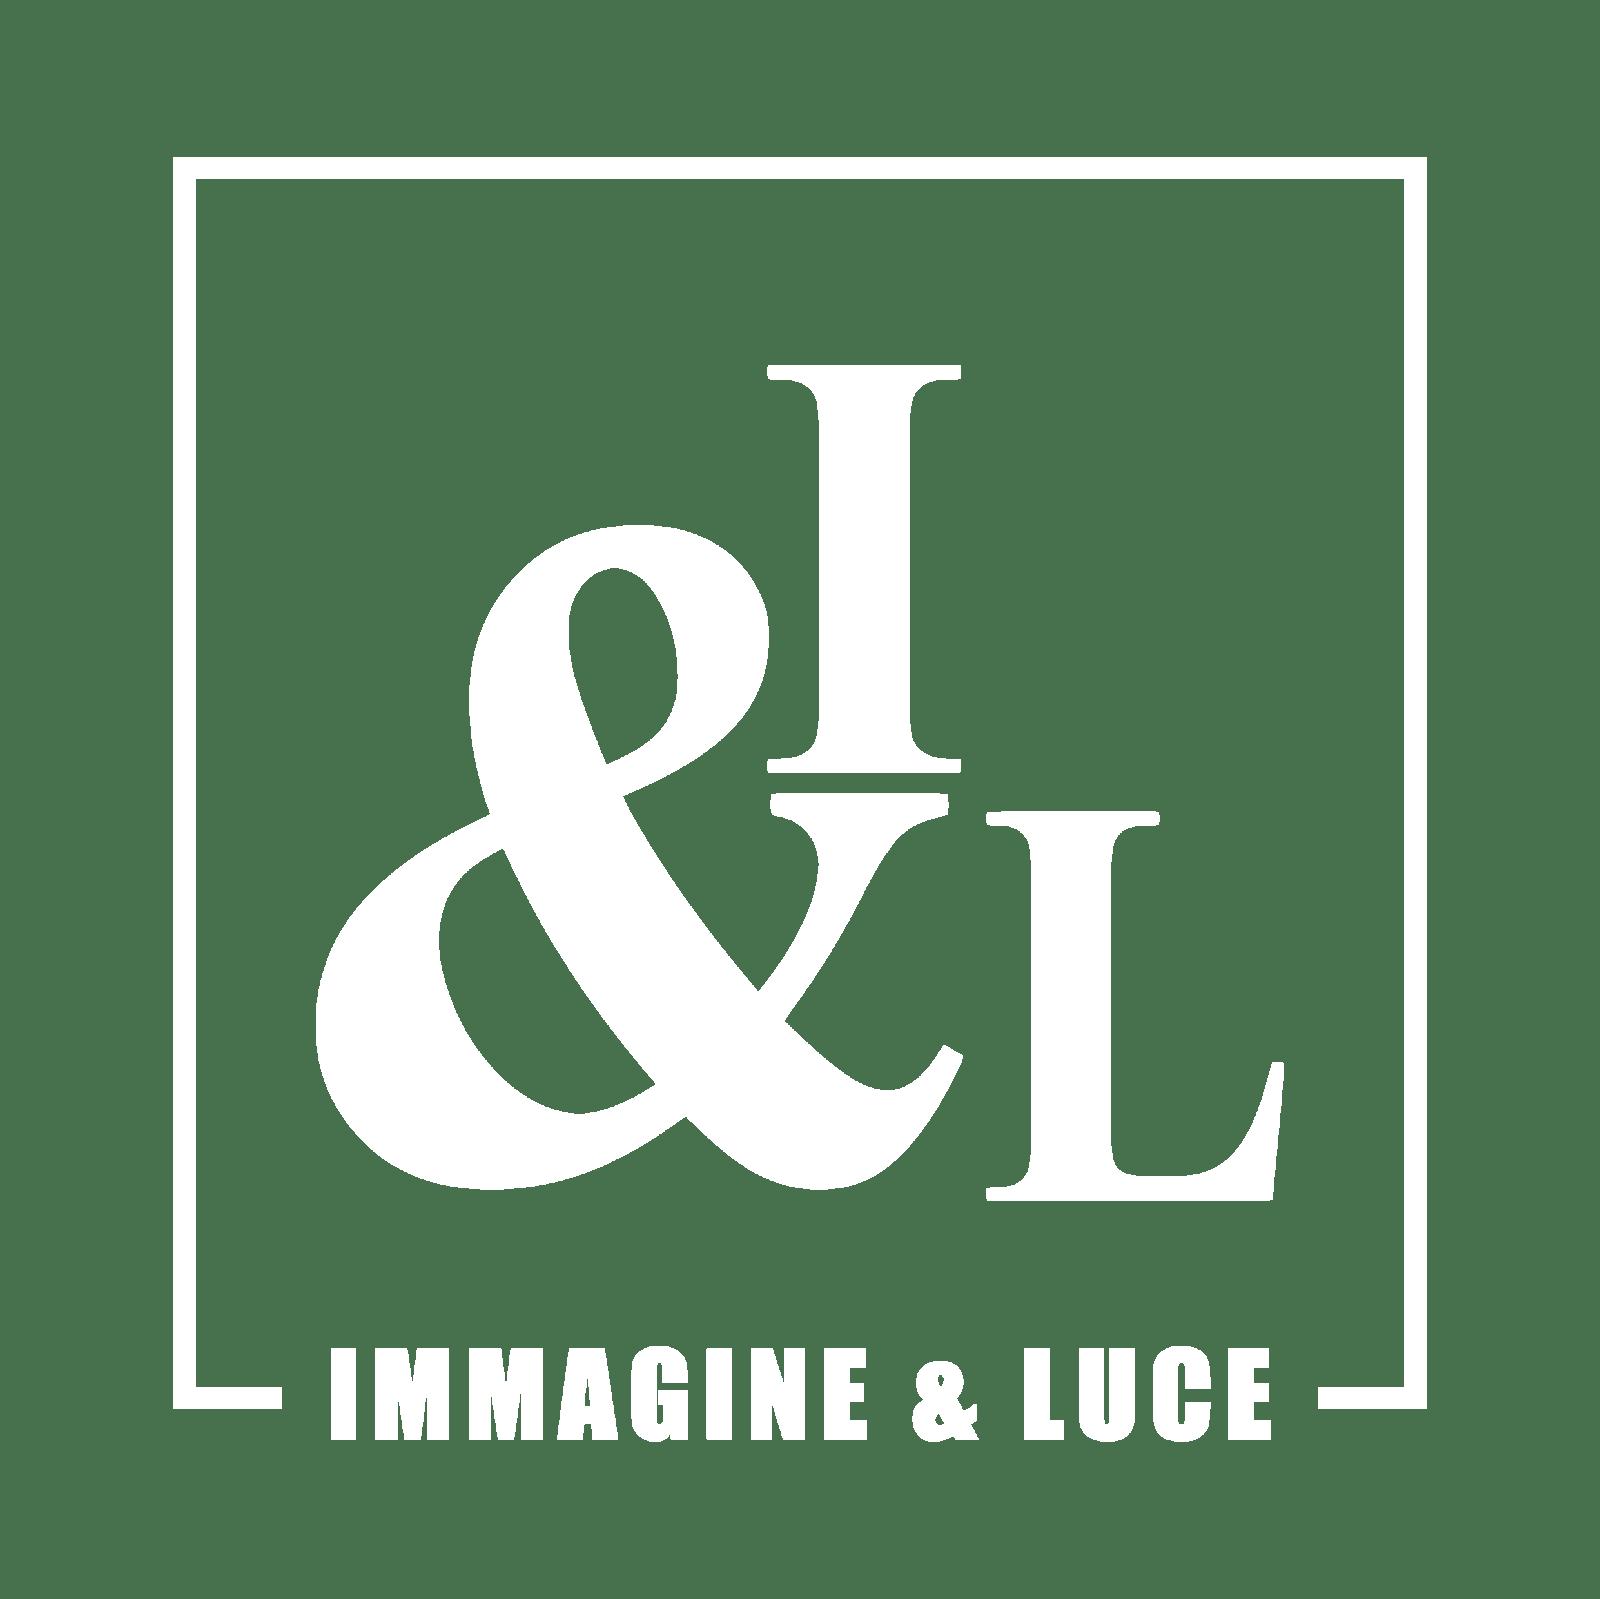 IMMAGINE E LUCE DI MARIO ZENNARO & C.SAS